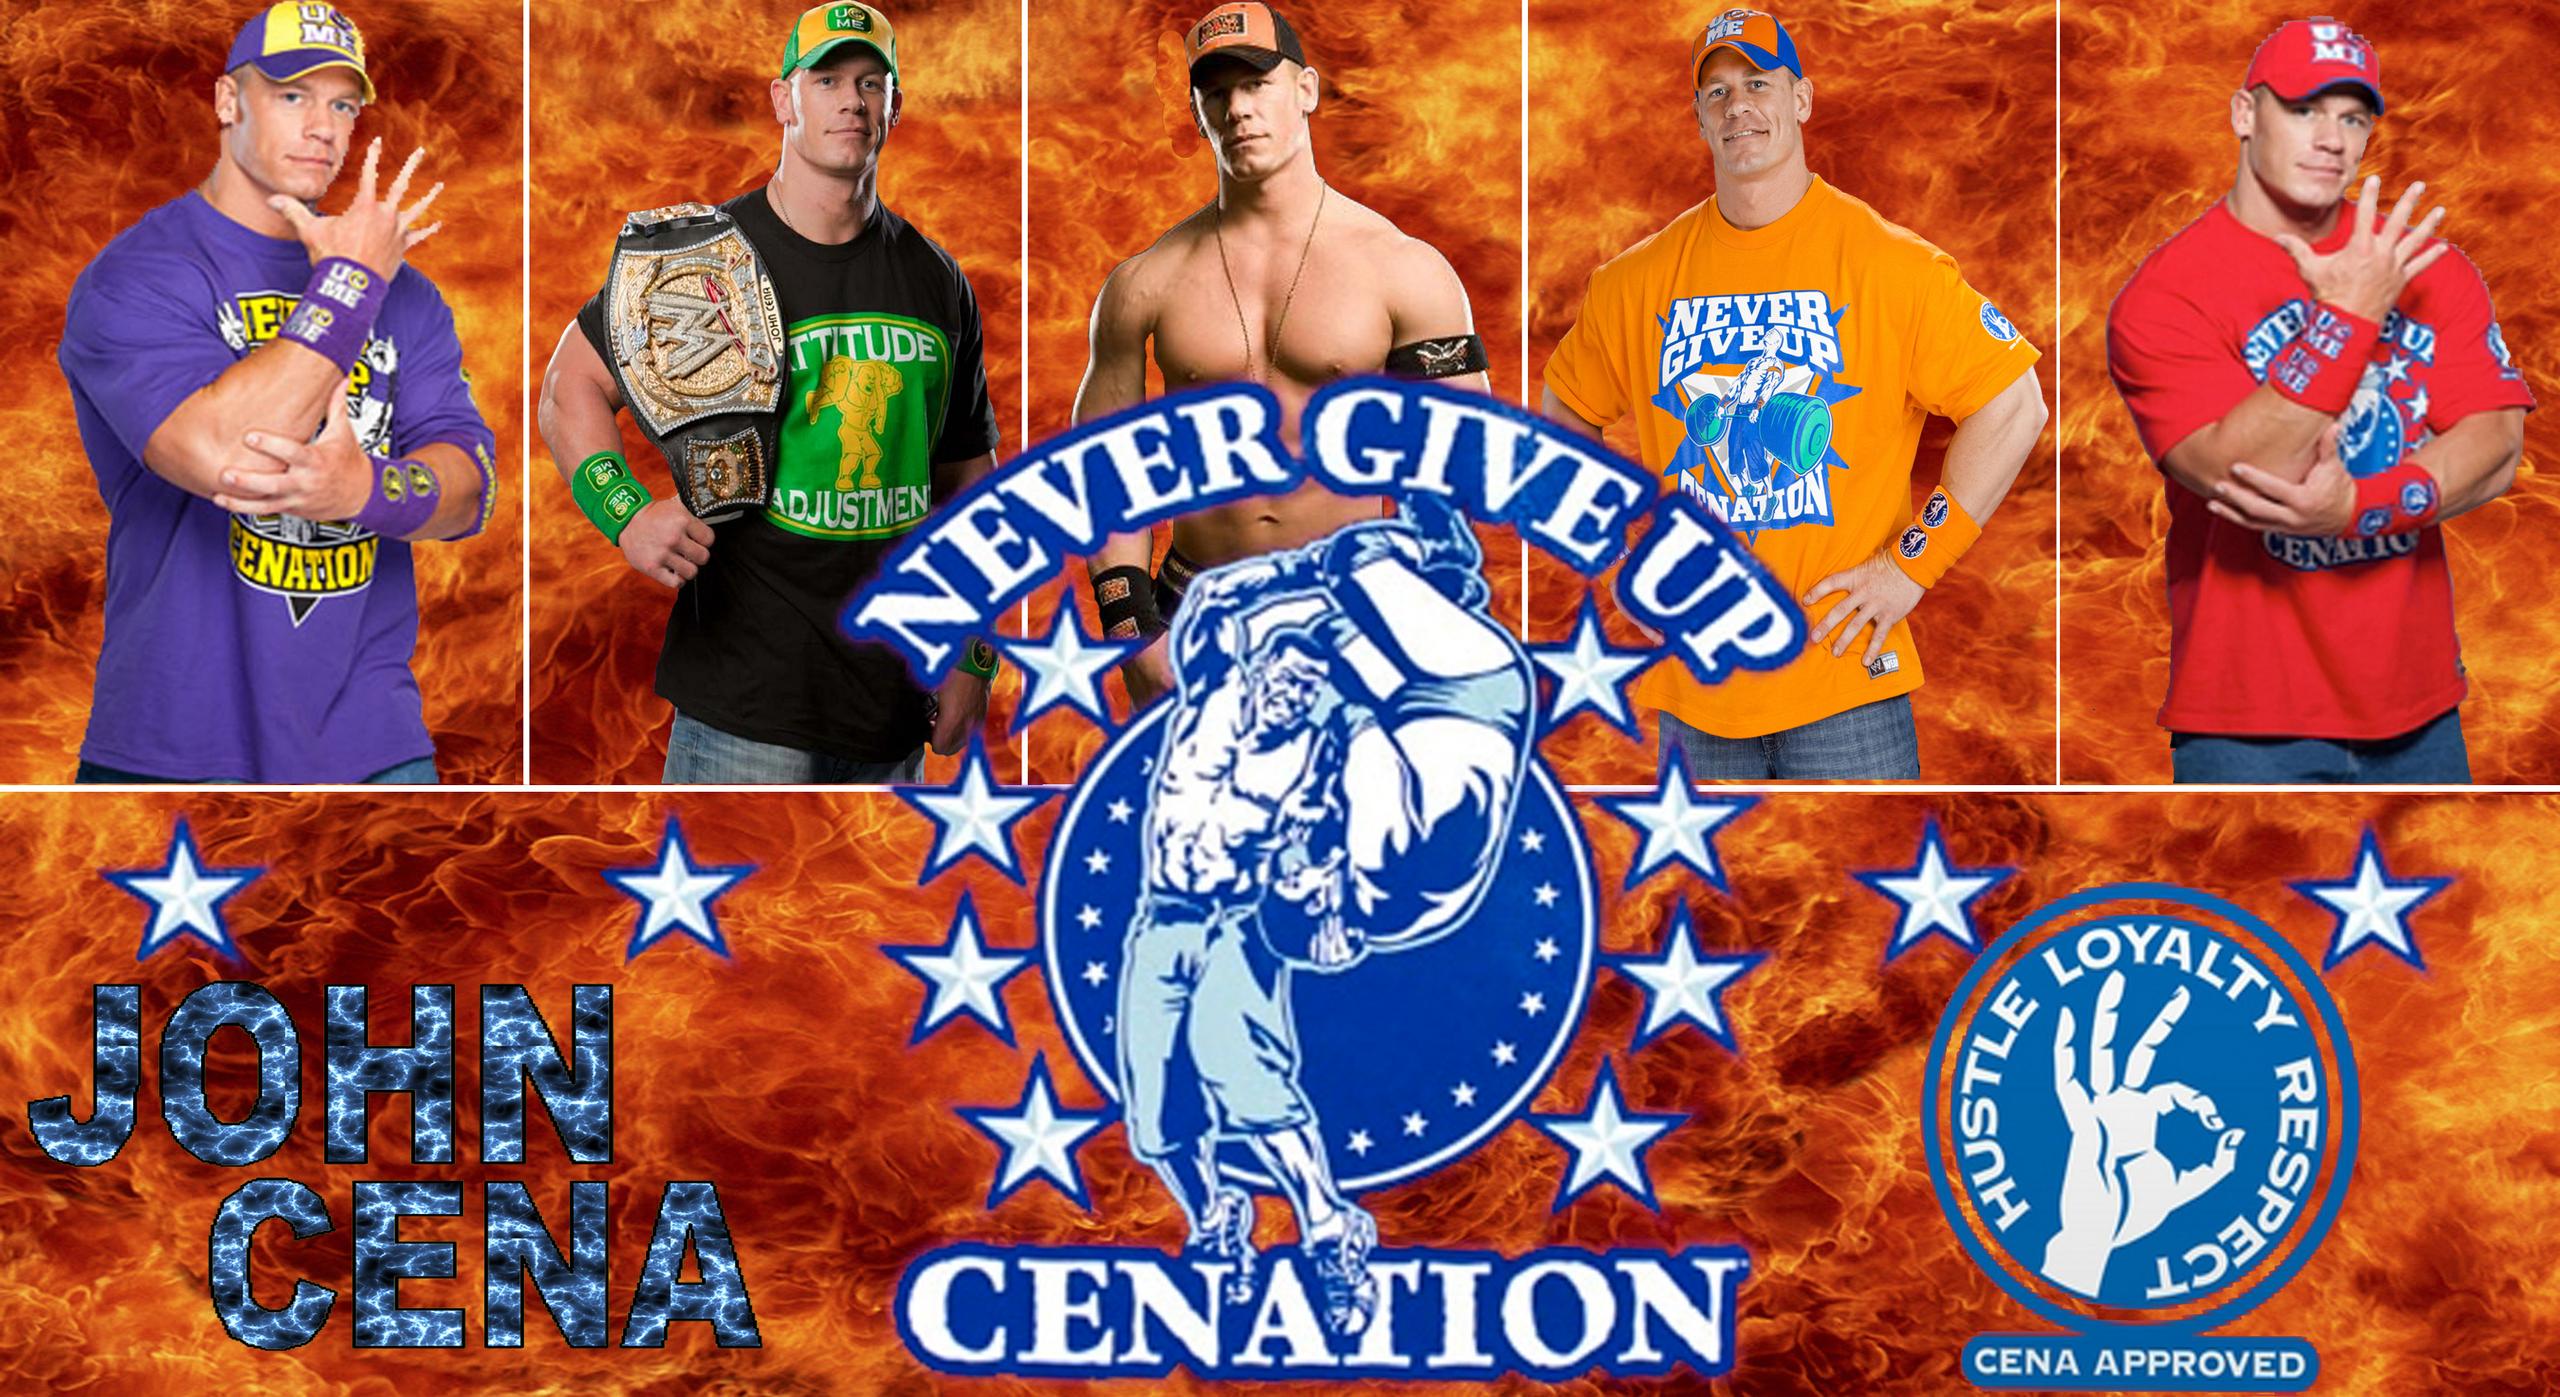 WWE John Cena's revoultion